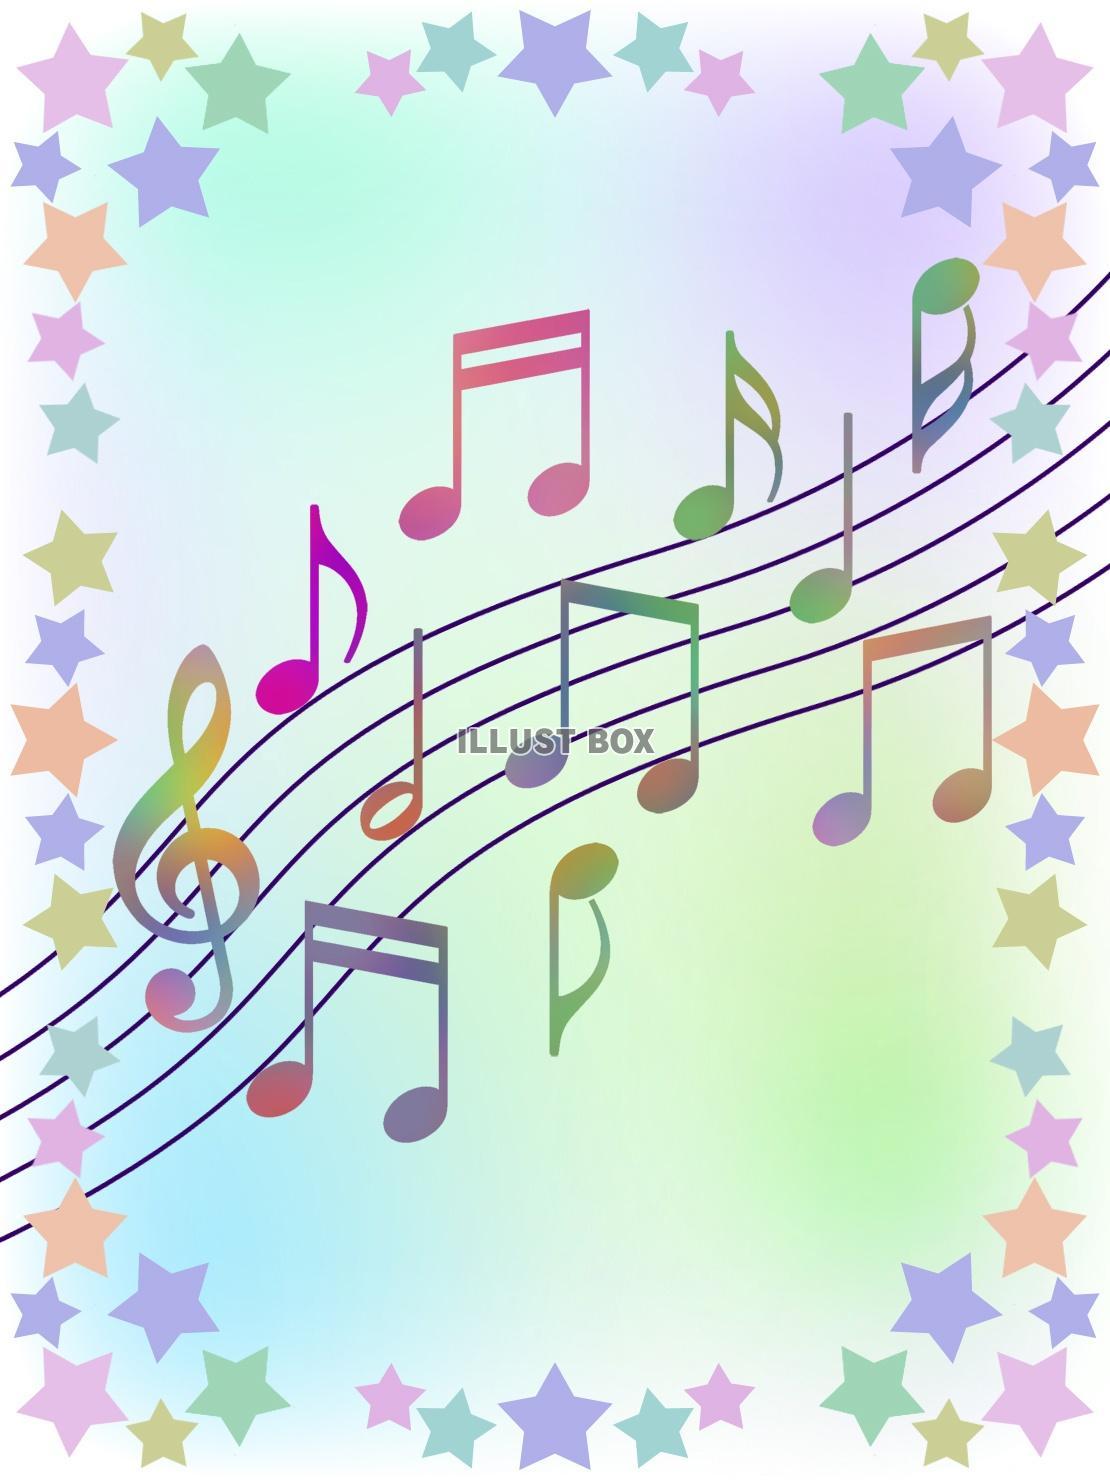 無料イラスト 音符壁紙画像カラフル音楽背景素材イラスト